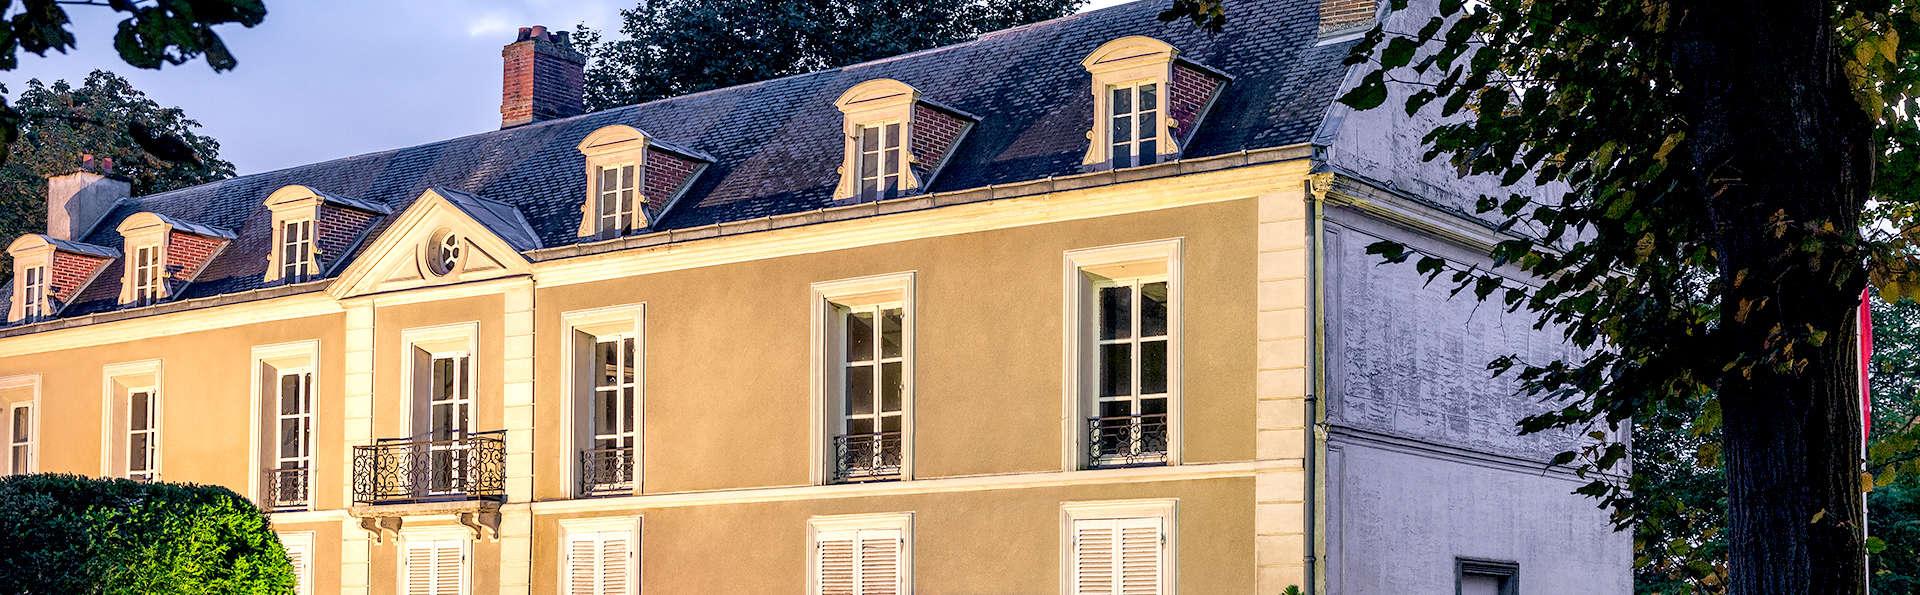 Hotel Mercure Paris Sud Parc Du Coudray Mercure Paris Sud Parc Du Coudray 4 Le Coudray Montceaux France